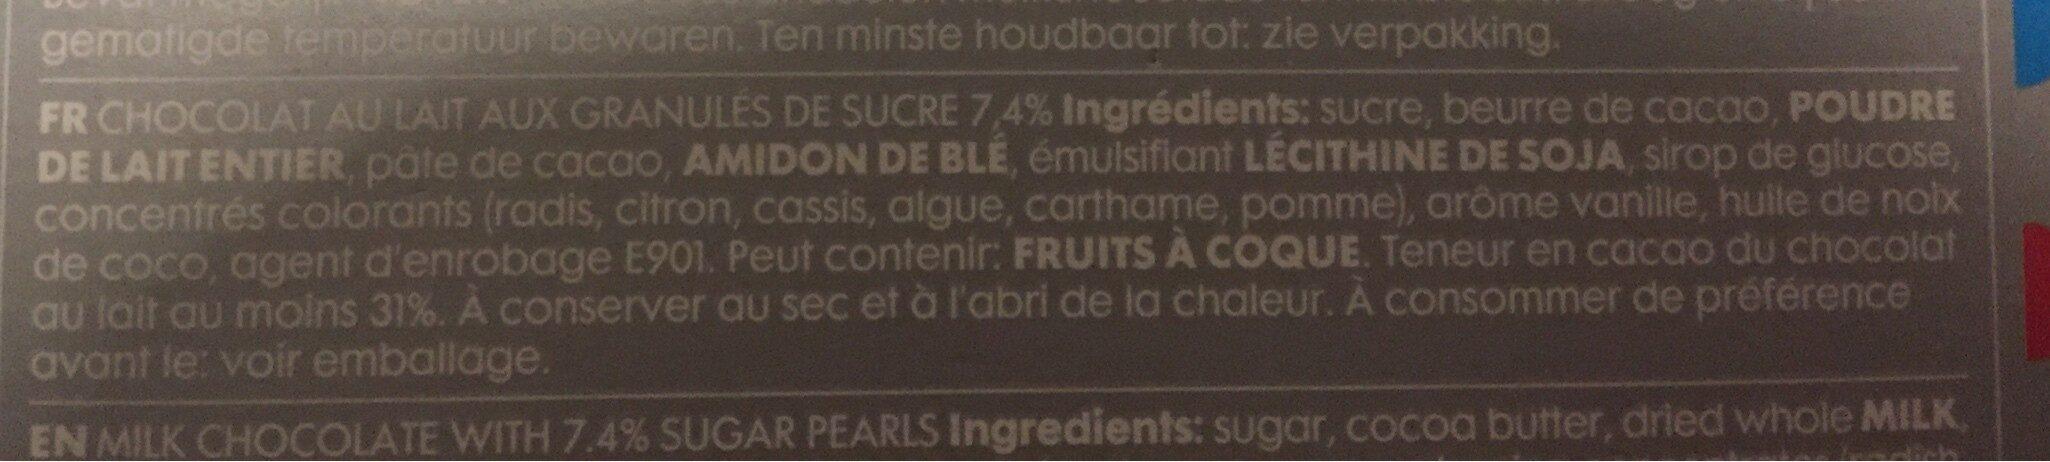 Chocolat au lait aux granules de sucre - Ingrédients - fr